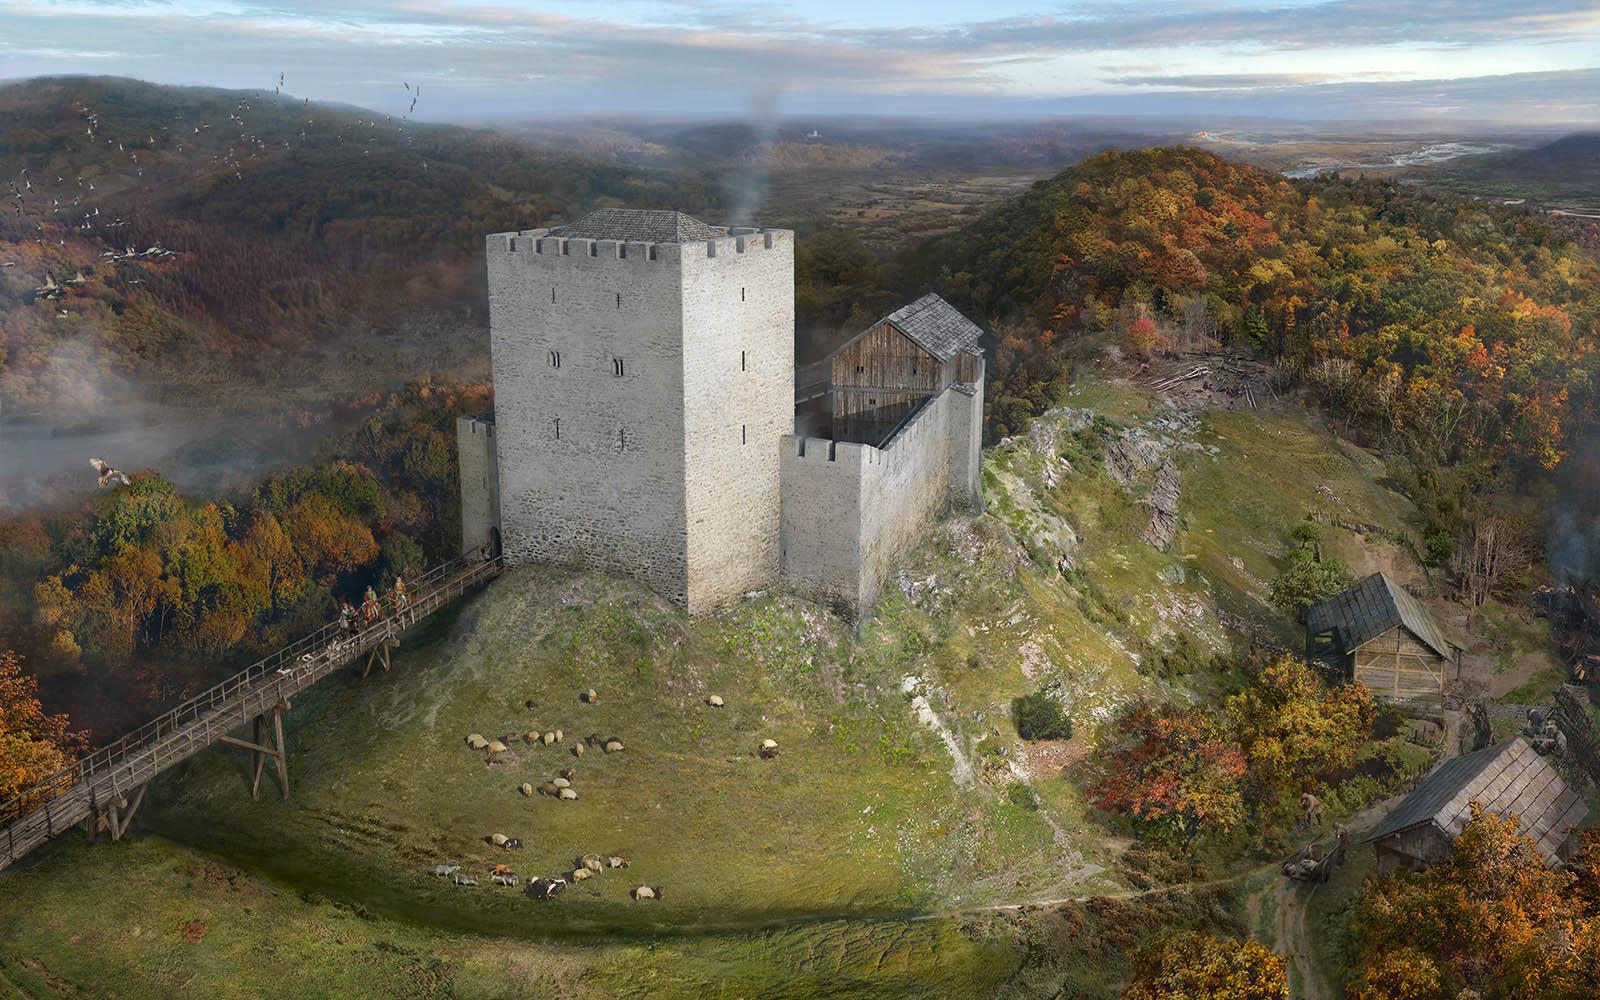 Rekonstruktionsversuch Burg Altenberg